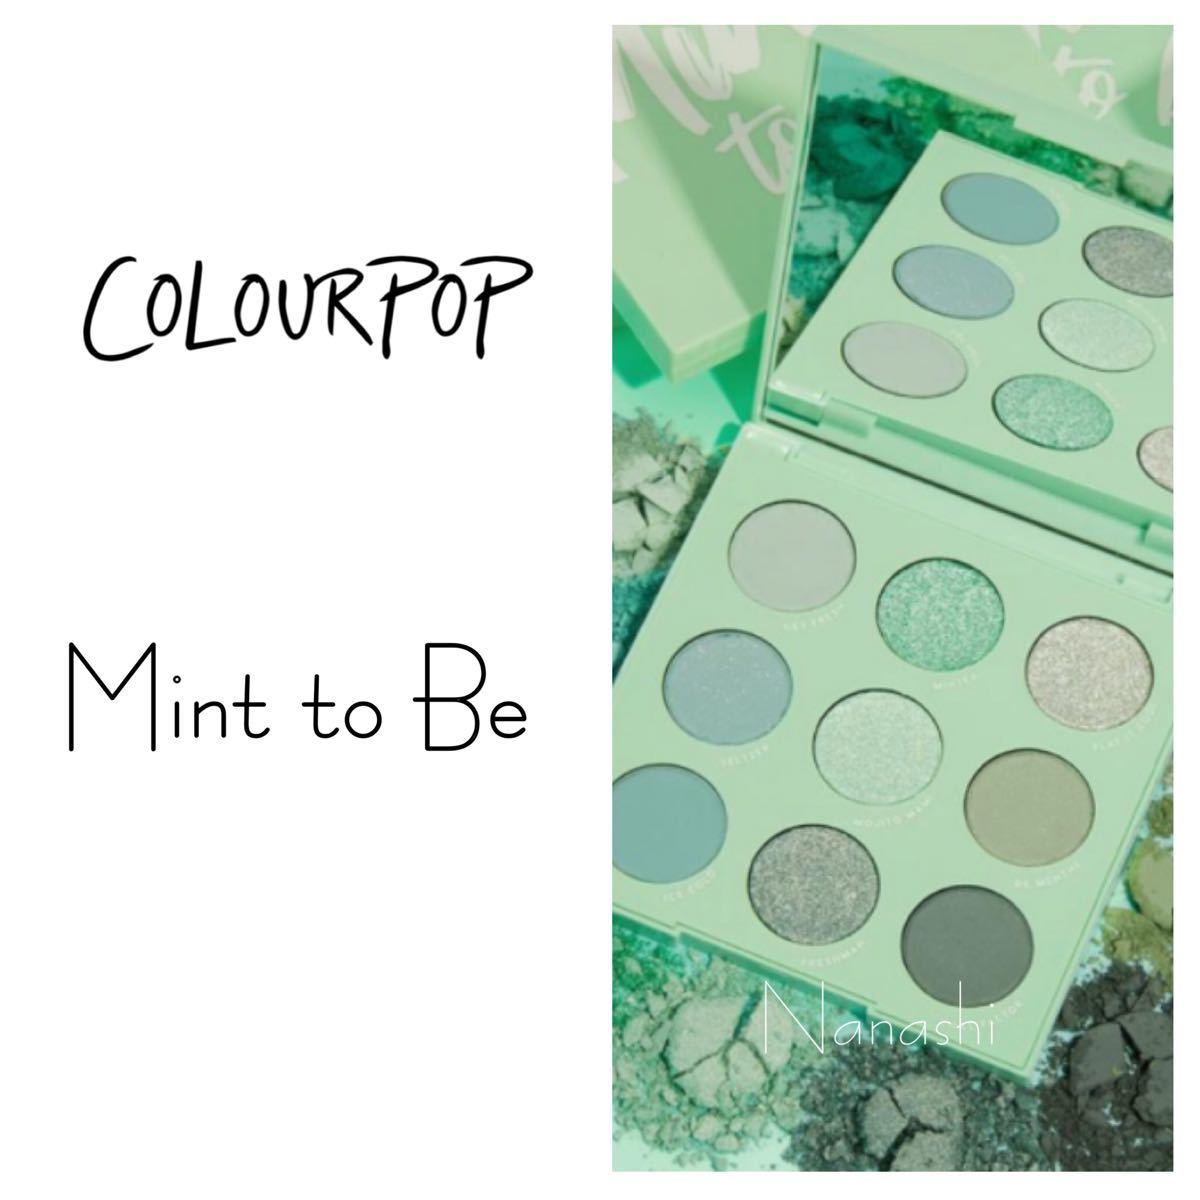 カラーポップ アイシャドウパレット mint to be colourpop eyeshadow palette